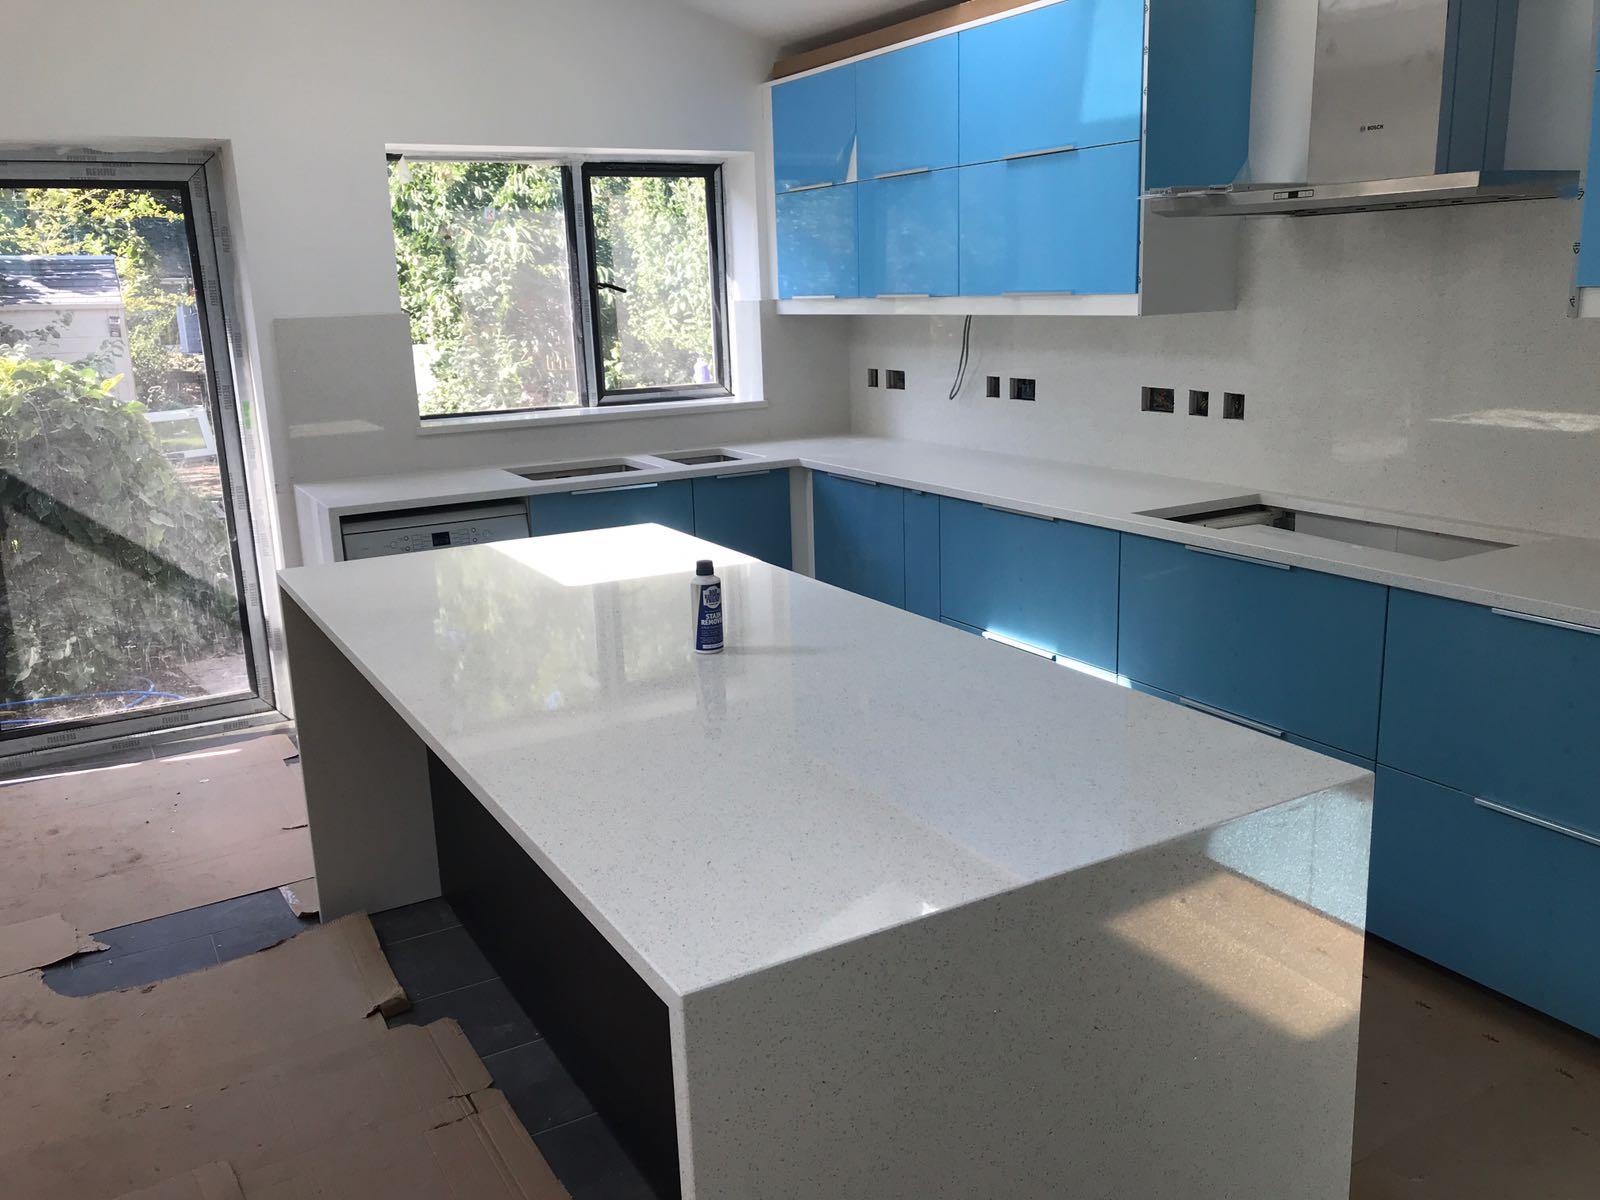 Bianco Stella- Cambridge - Rock and Co Granite Ltd